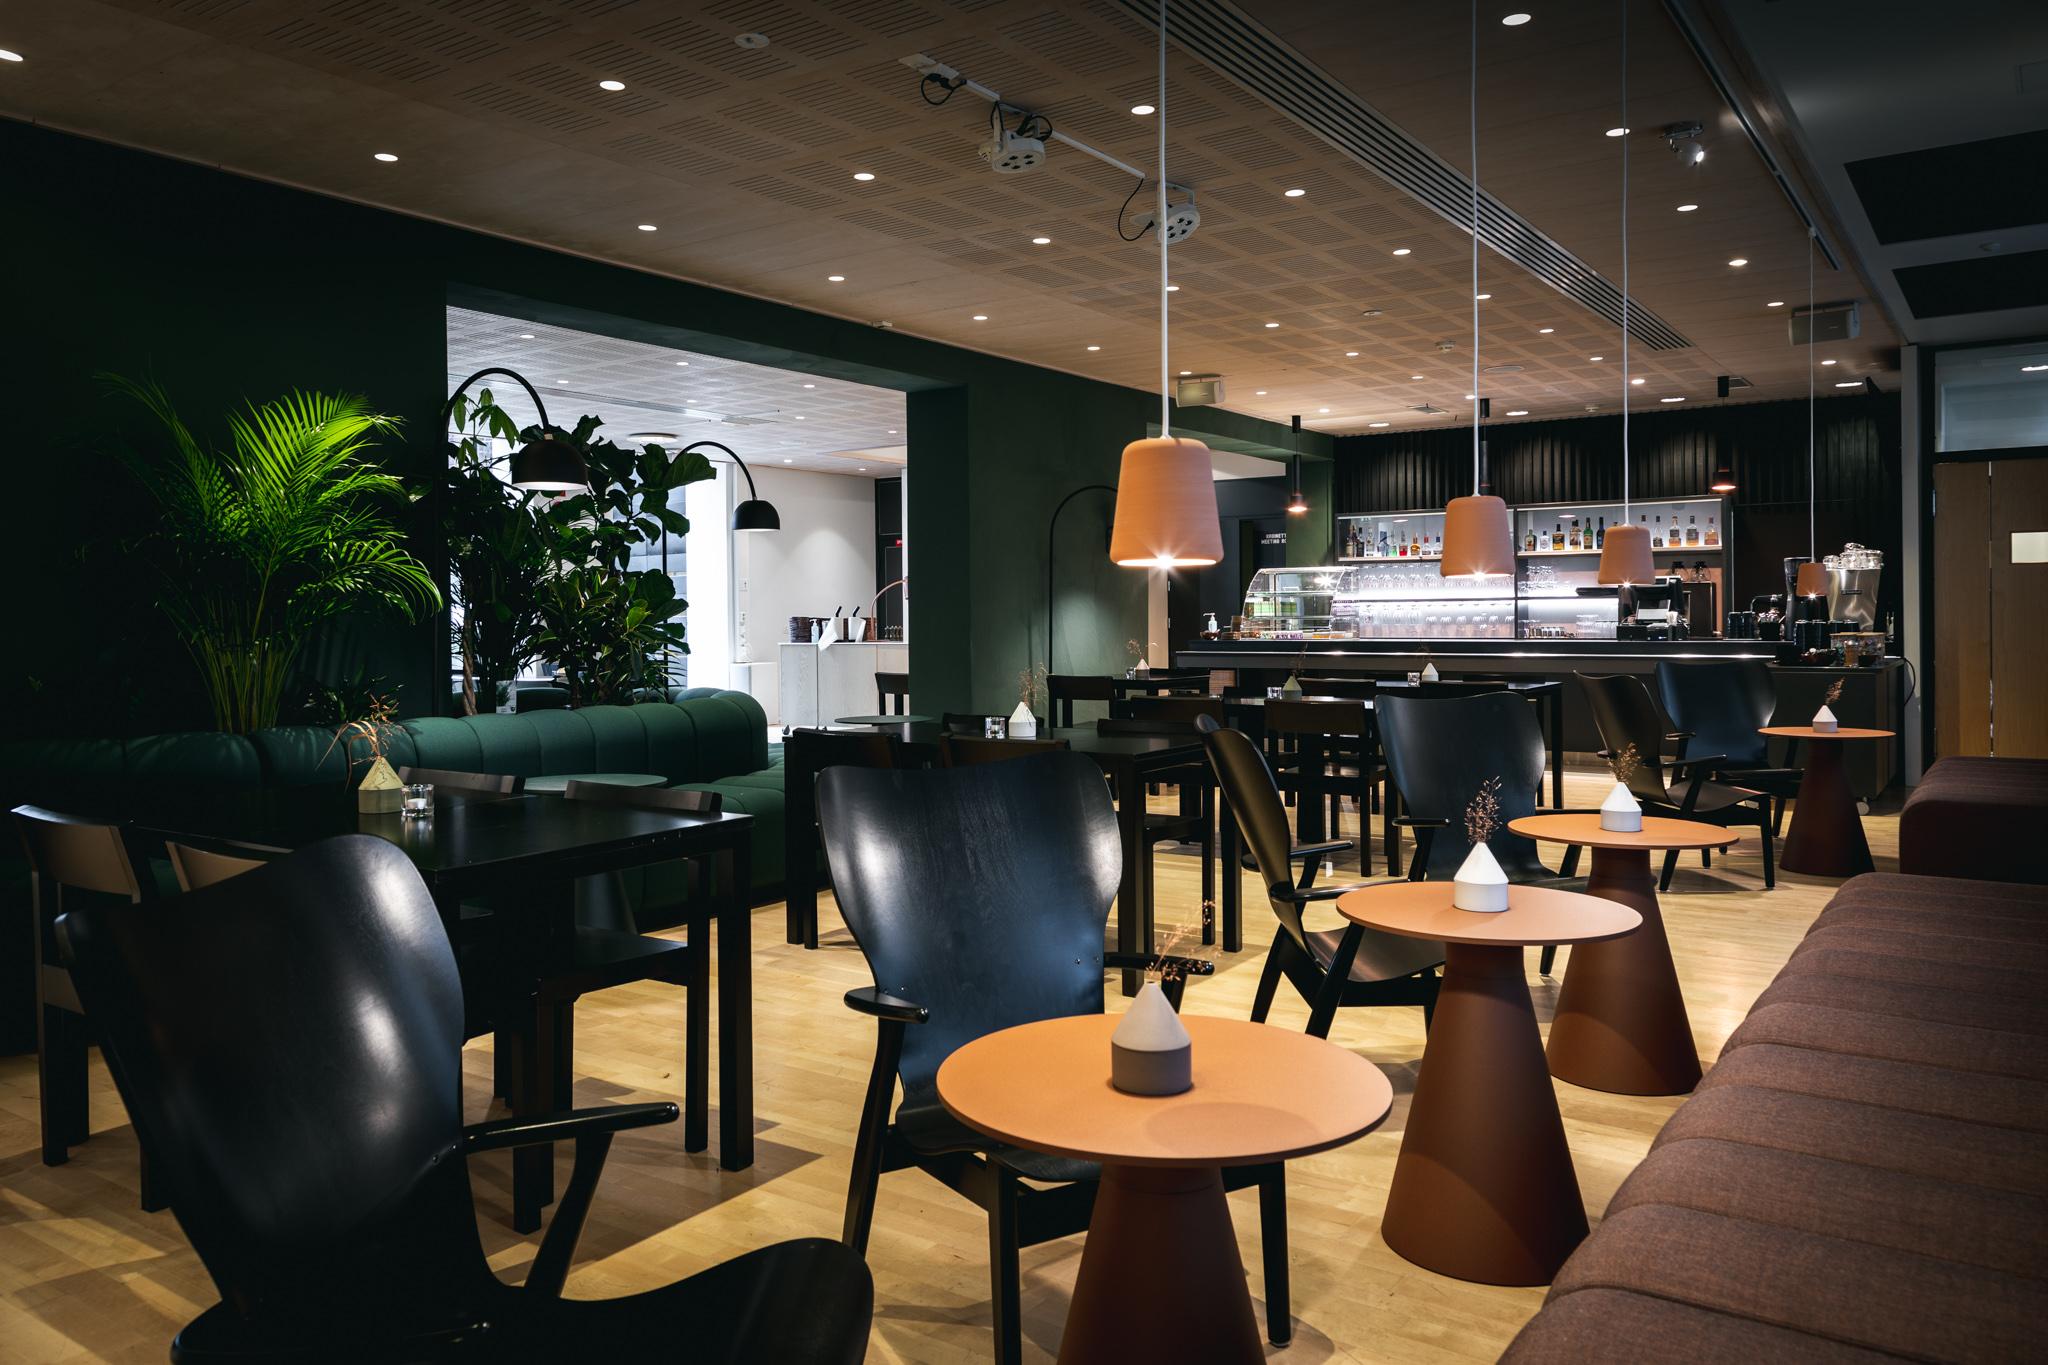 Restaurant Korundi Kitchen and Cafe, Rovaniemi, Lapland, Finland